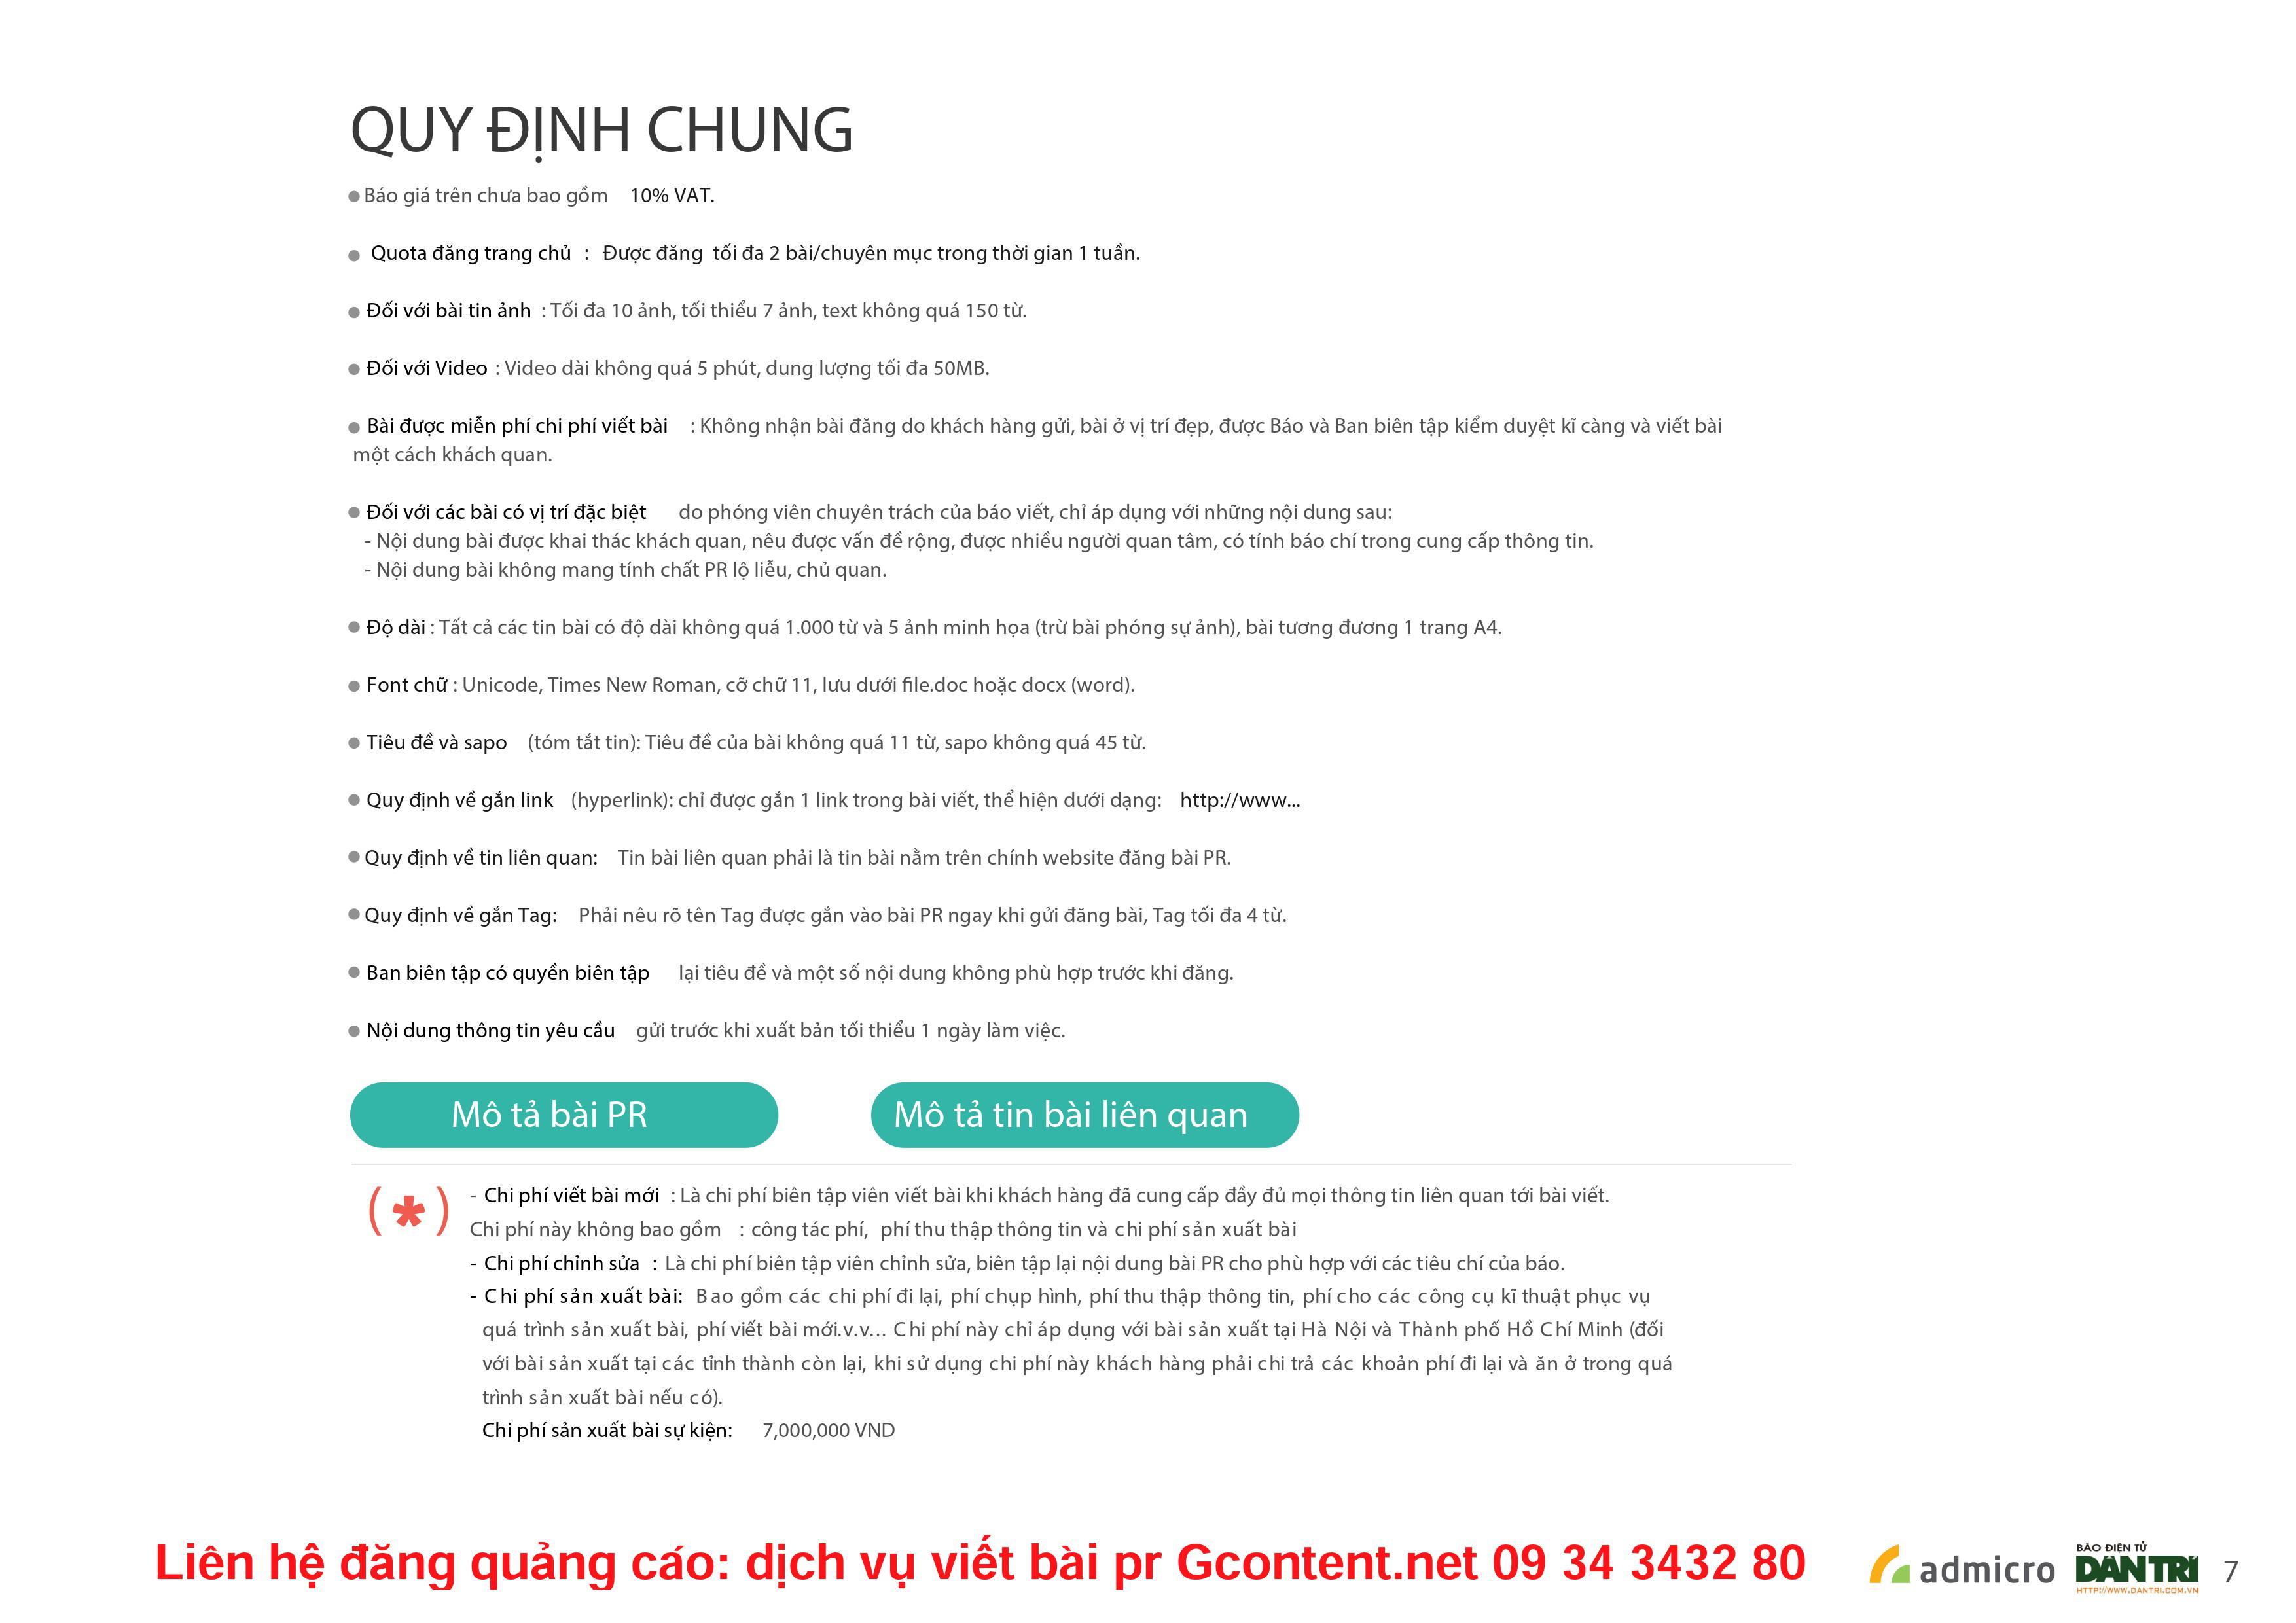 Báo Dân Trí - Bảng giá quảng cáo báo Dân Trí mới nhất năm 2016